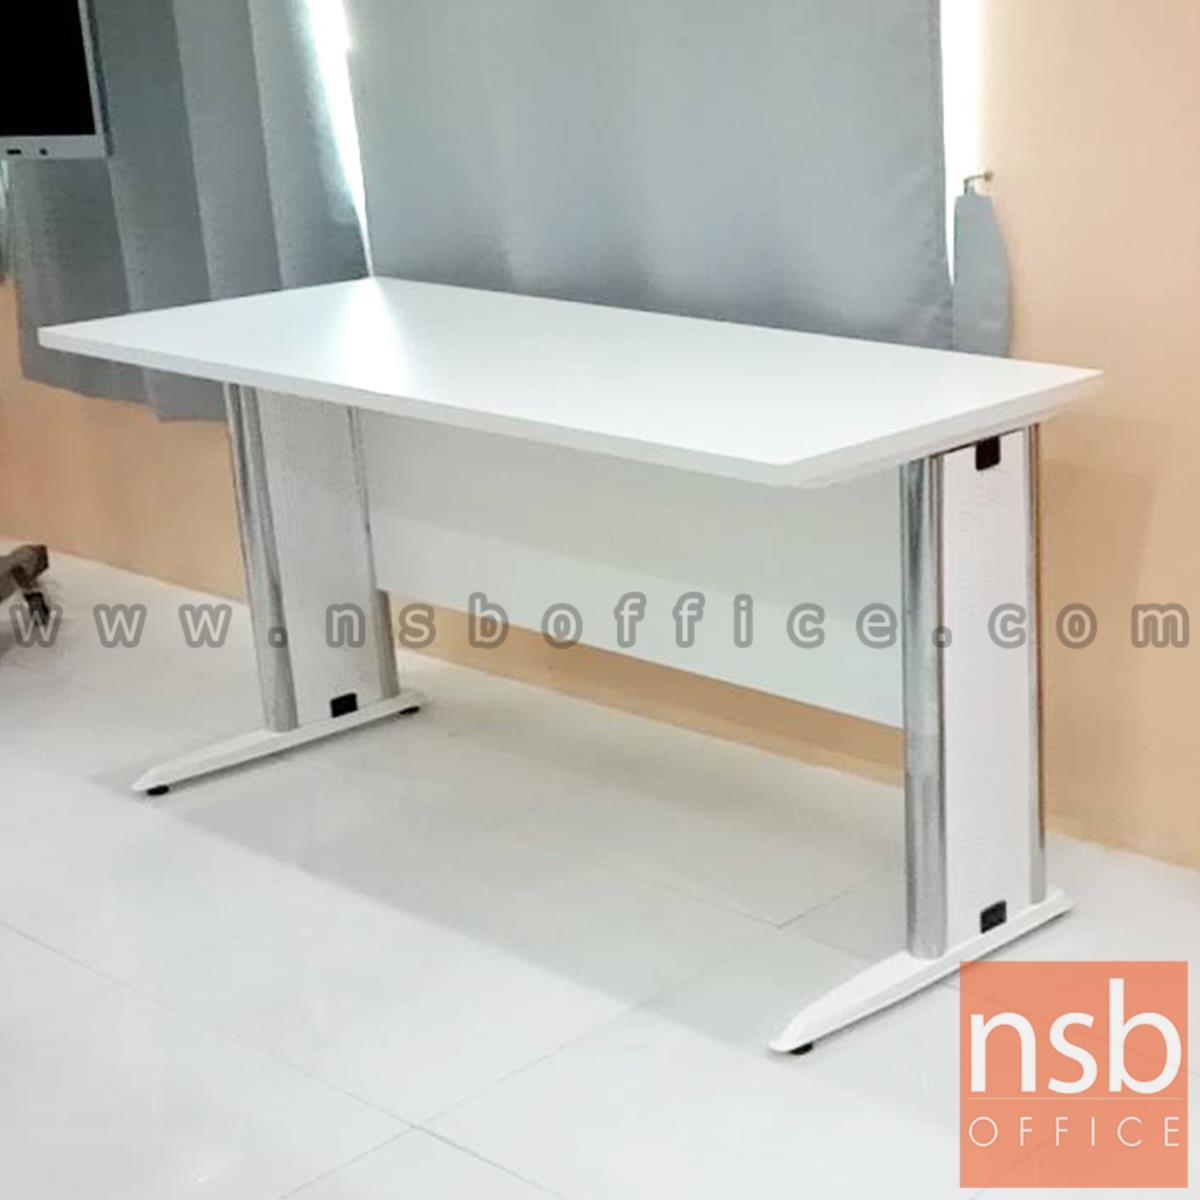 A05A031:โต๊ะประชุมตรง รุ่น Oracle  ขนาด 80W ,120W ,150W ,180W ,210W ,240W cm.  พร้อมบังตาไม้ ขาเหล็กตัวแอล